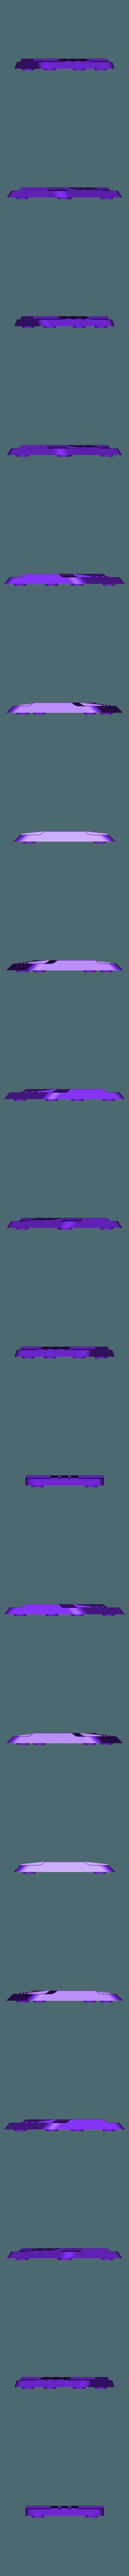 ECX_REVENGE_FRONT_REAR_SKID_20190327.stl Télécharger fichier STL gratuit Patins ECX Revenge (avant, milieu et arrière) • Modèle pour impression 3D, peterbroeders